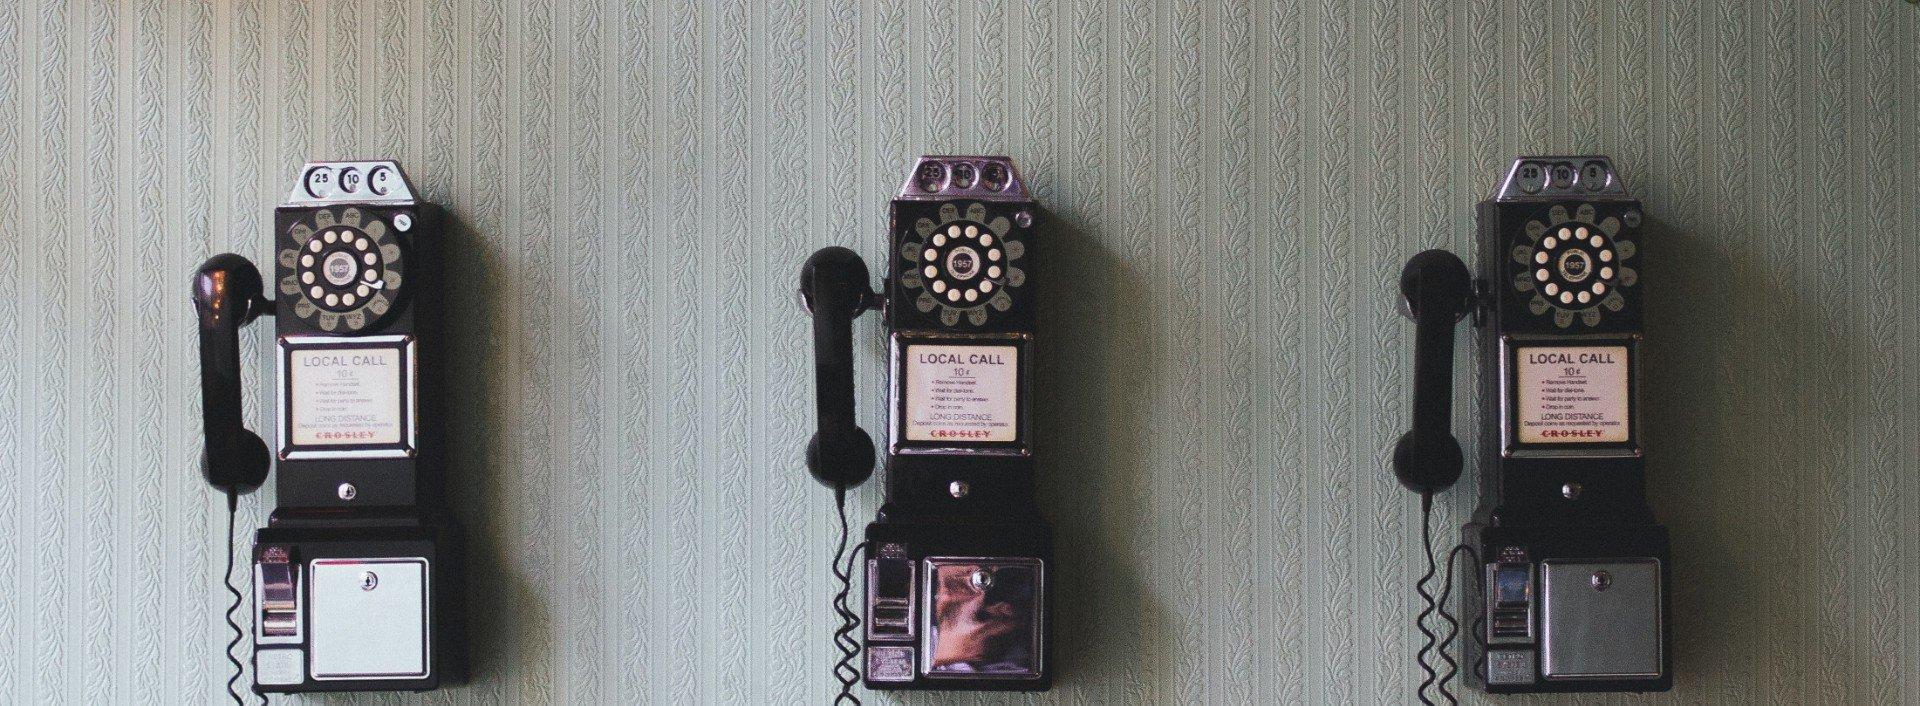 Ein schwarzes Wandtelefon, dass zum sprechen für Wörter mit dem Wortstamm lock im Englischen dient